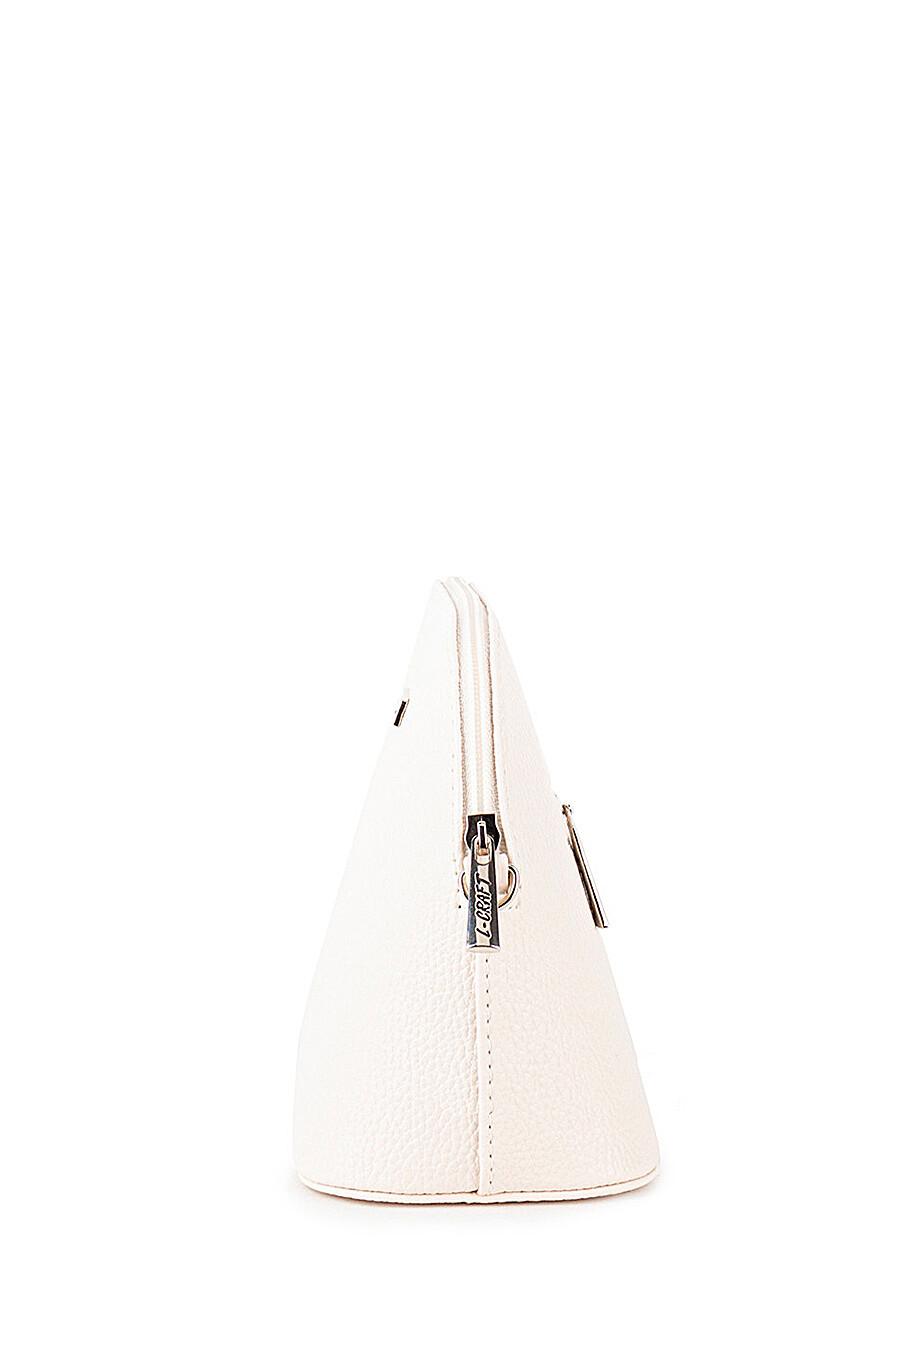 Сумка для женщин L-CRAFT 668232 купить оптом от производителя. Совместная покупка женской одежды в OptMoyo